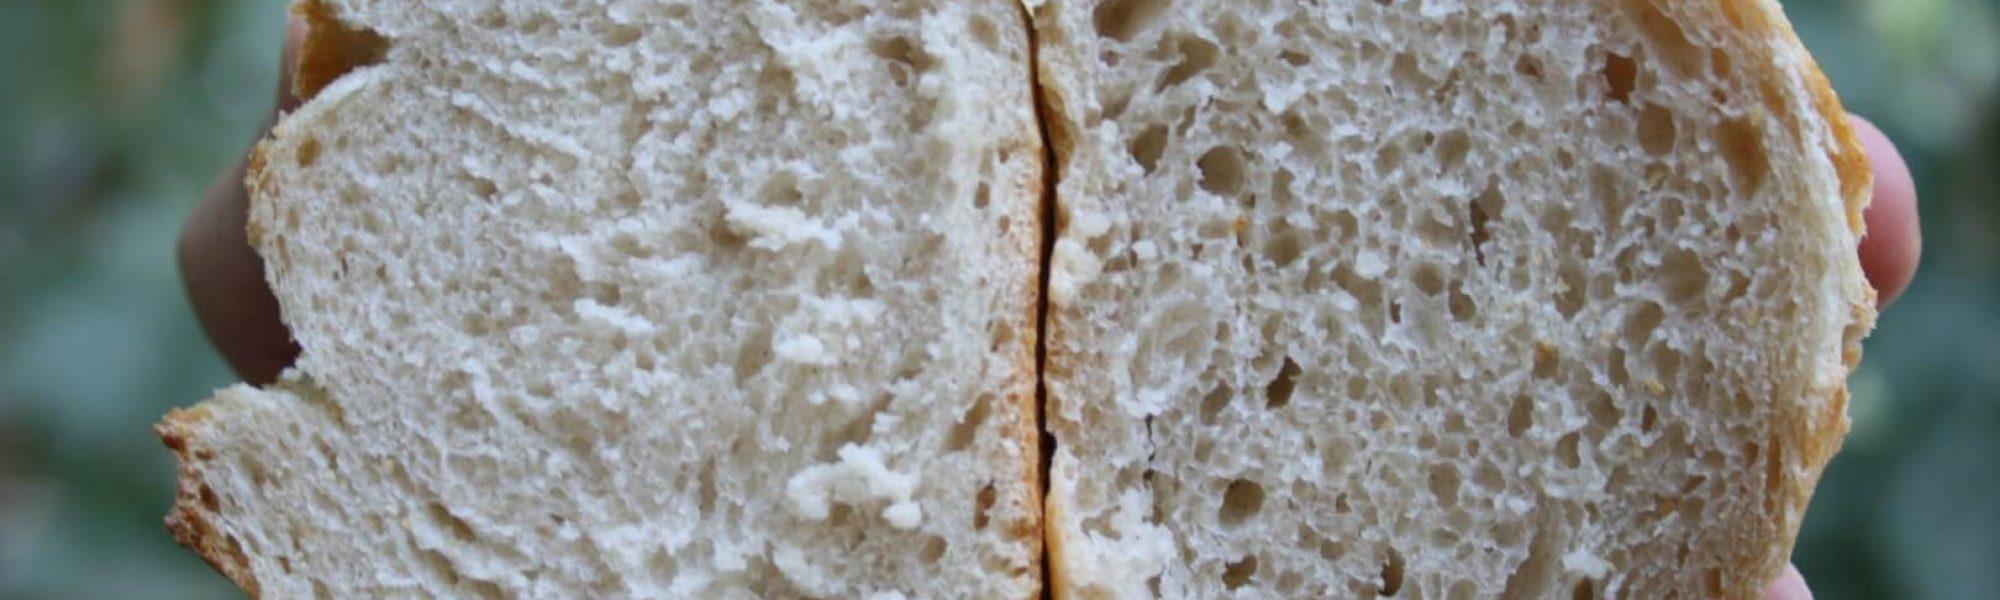 הבדל בהדירציה בין הלחם הרטוב ליבש